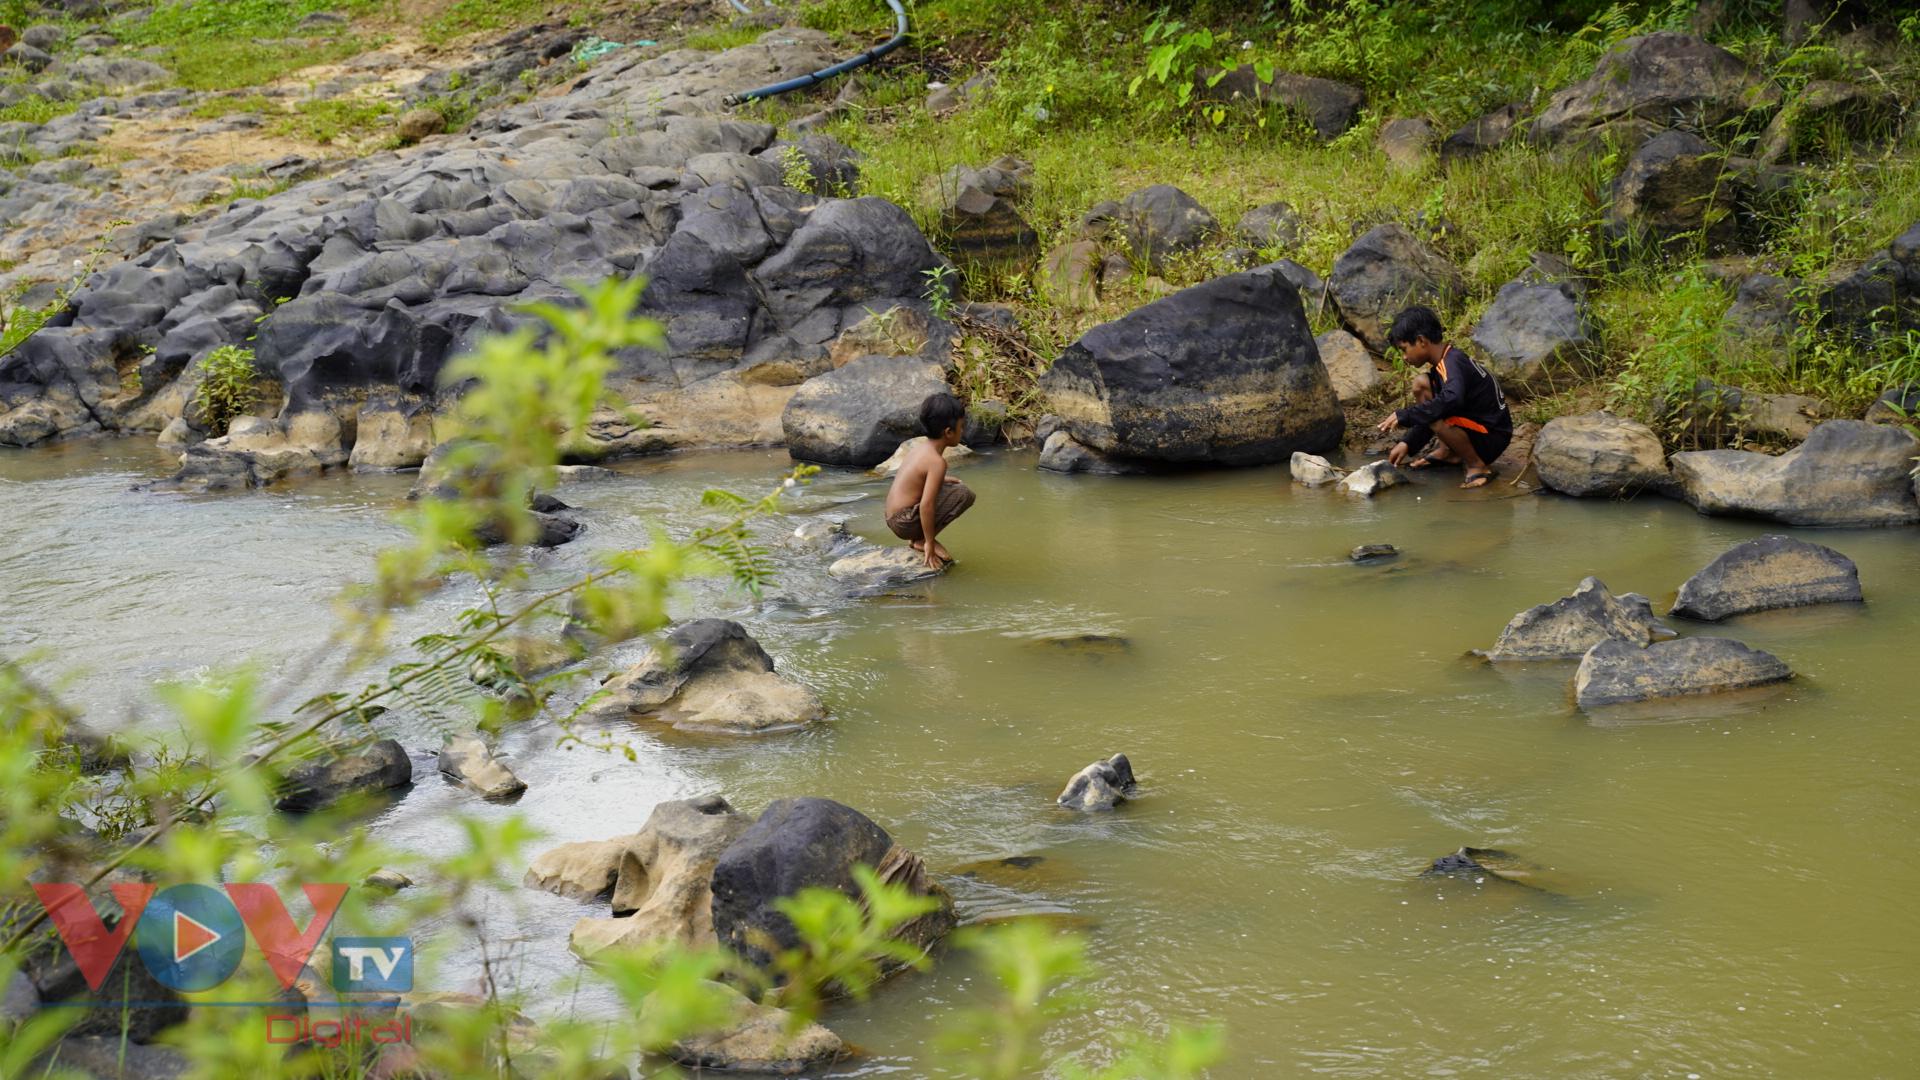 Gia Lai: Mê đắm vẻ đẹp hoang sơ của suối đá núi lửa Ia Ruai - Ảnh 9.